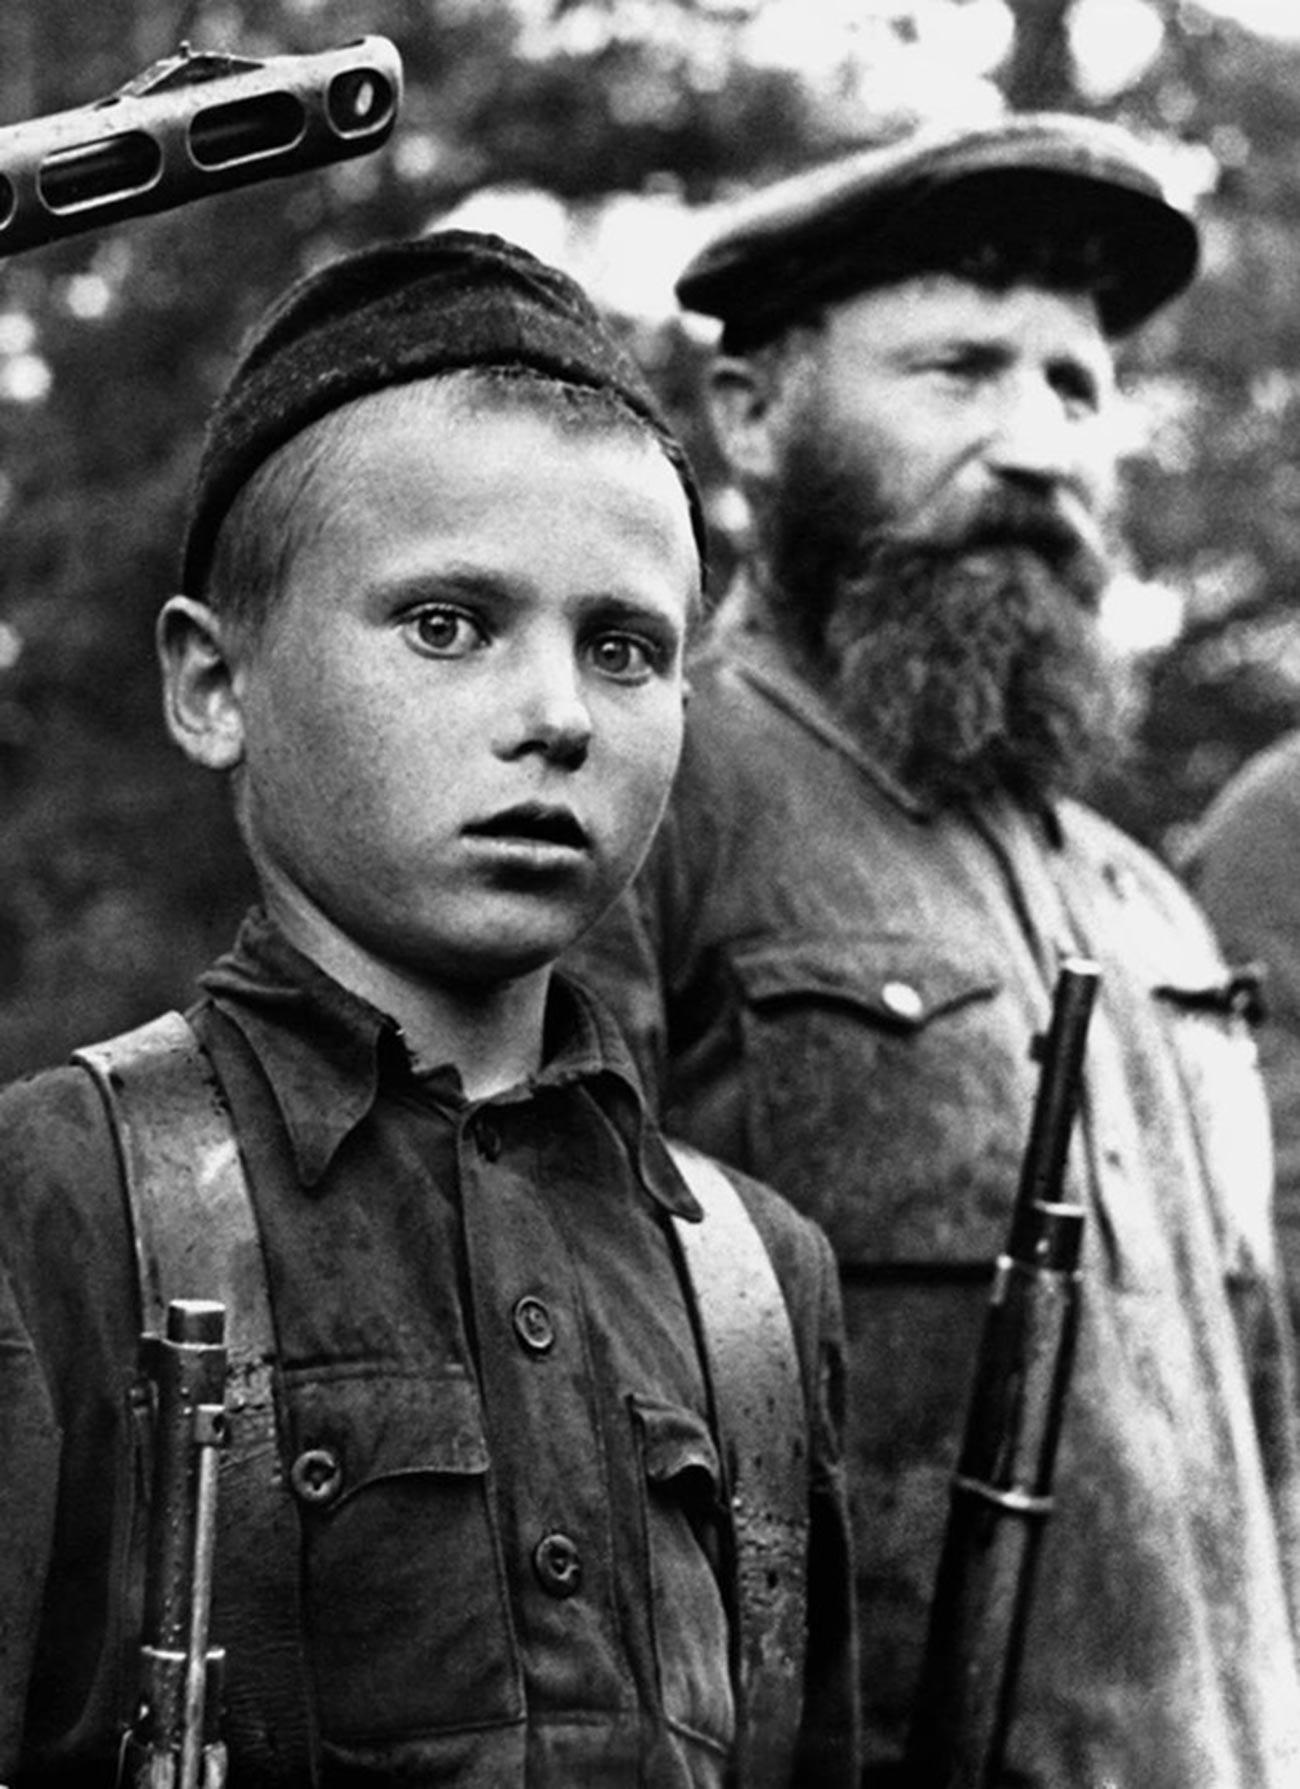 Юный партизан-разведчик Петр Гурко из отряда «За власть Советов» награждается медалью «За отвагу».